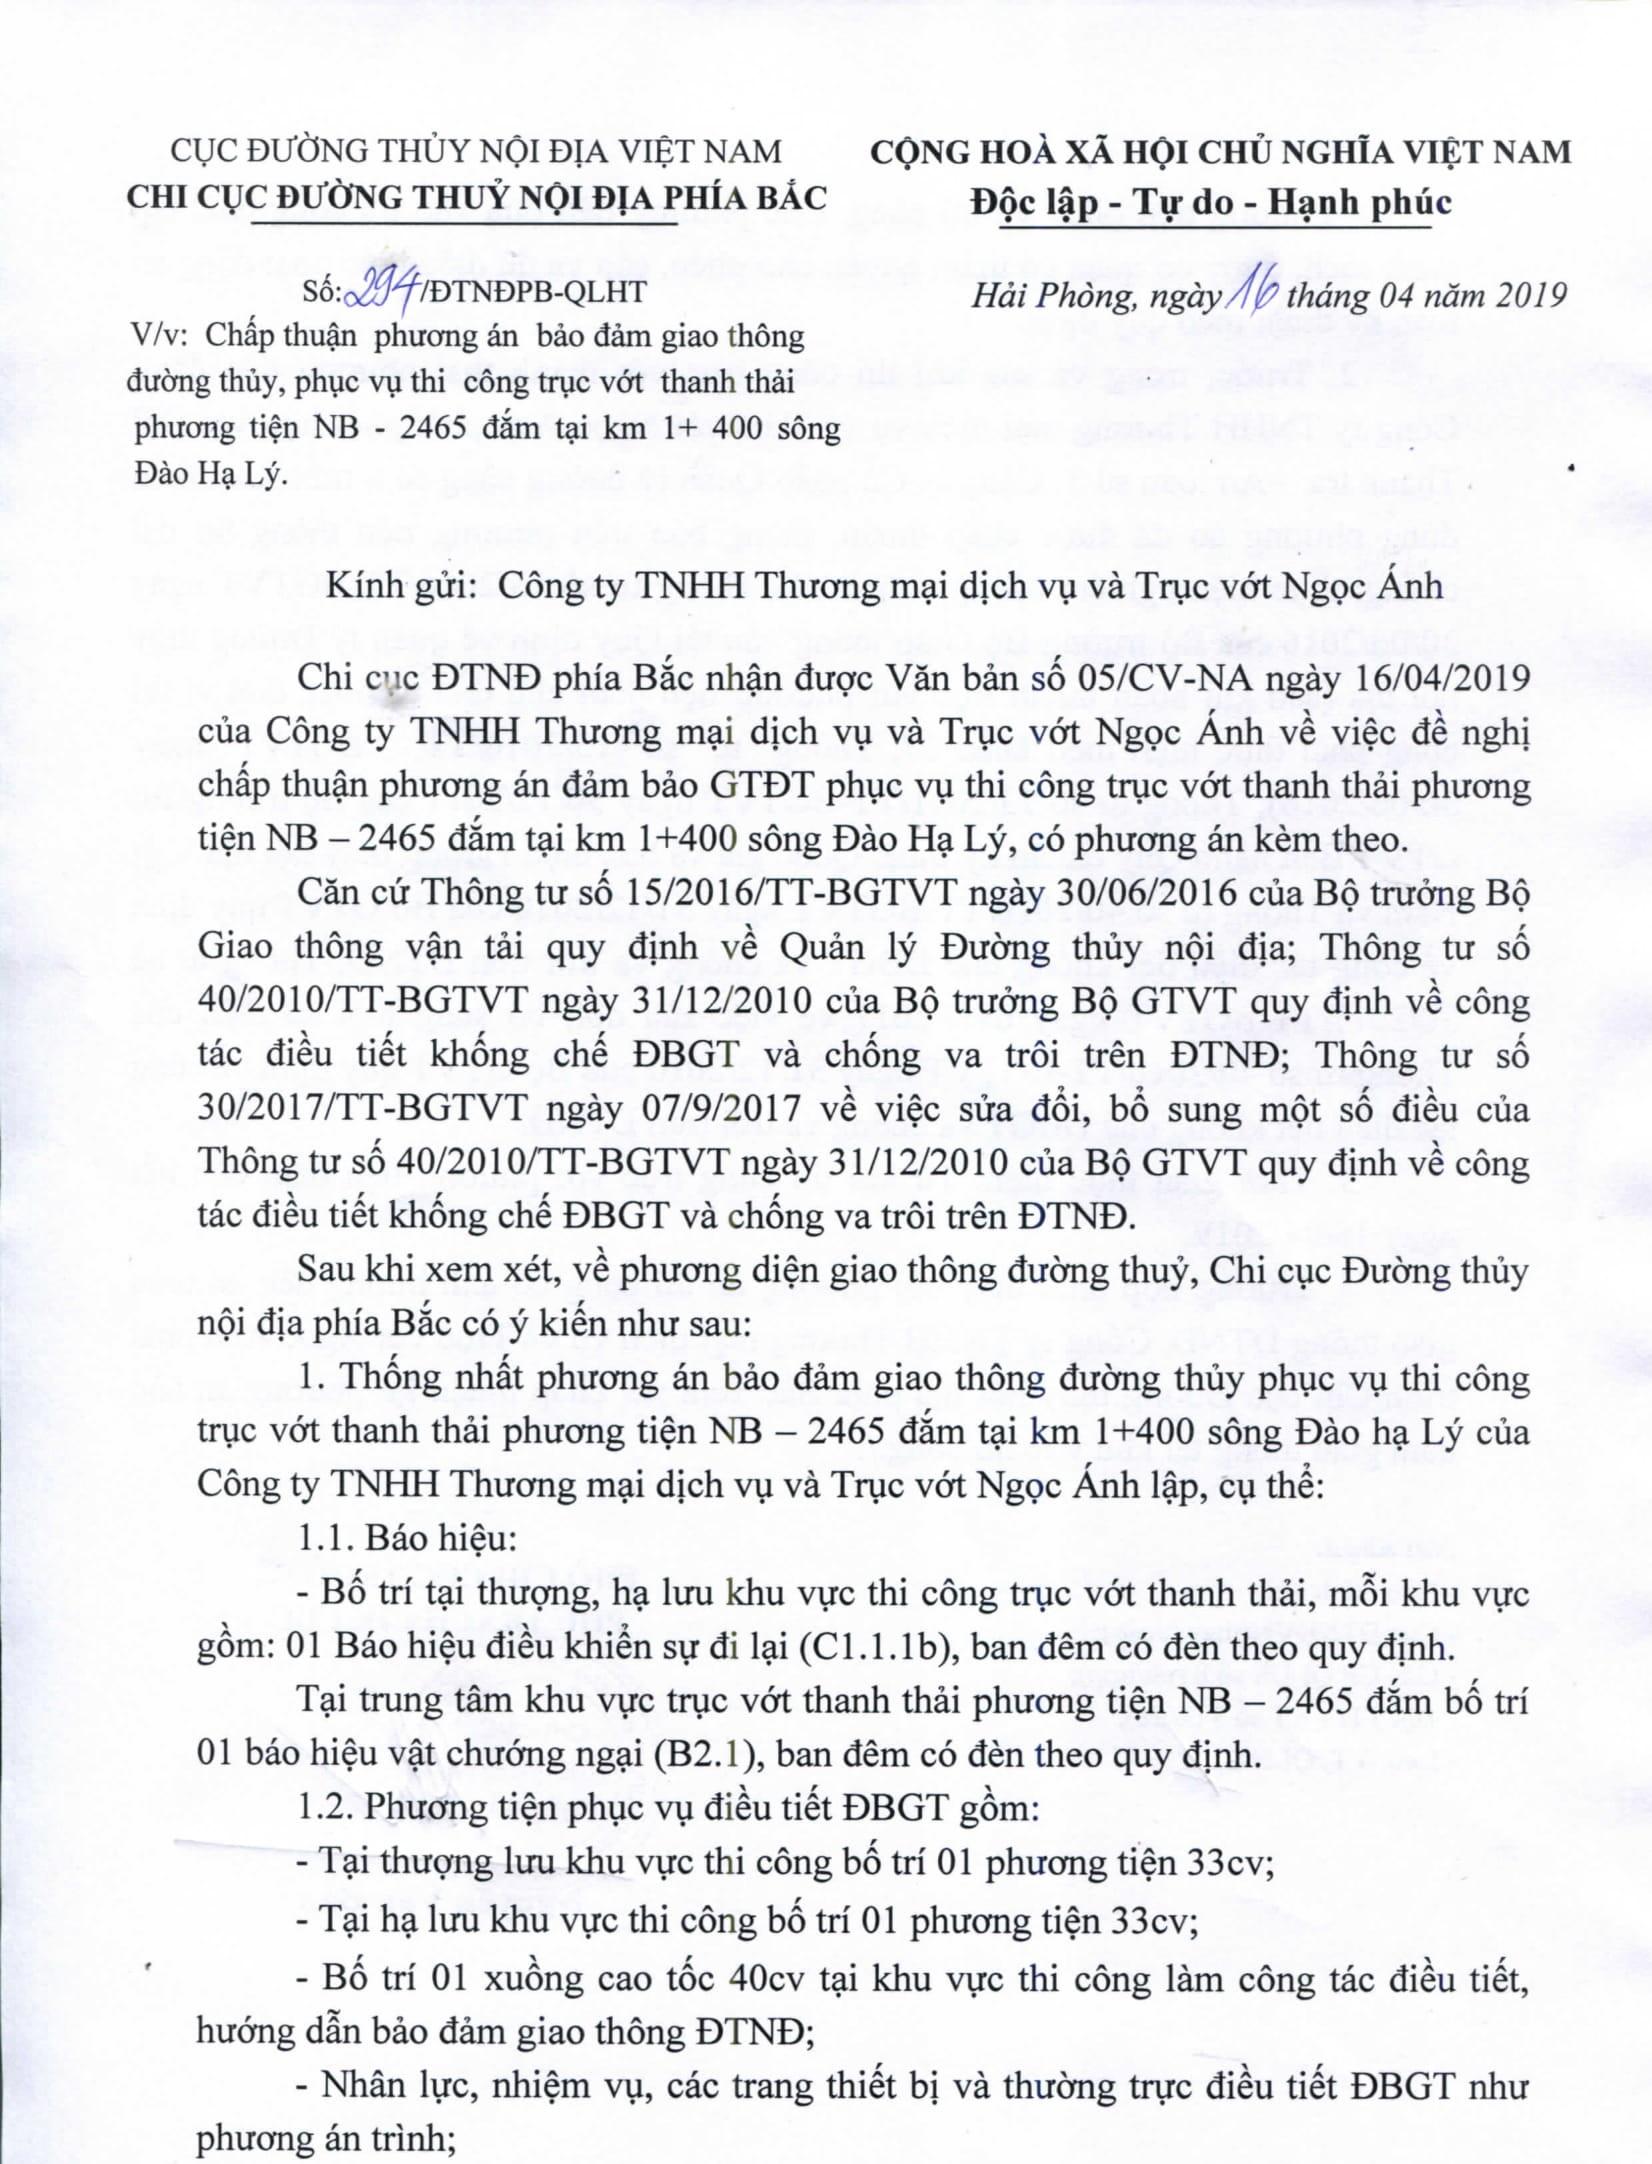 Chấp thuận PA điều tiết bảo đảm GTĐT phục vụ thi công trục vớt thanh thải phương tiện NB-2465 đắm tại km 1+400 sông Đào Hạ Lý